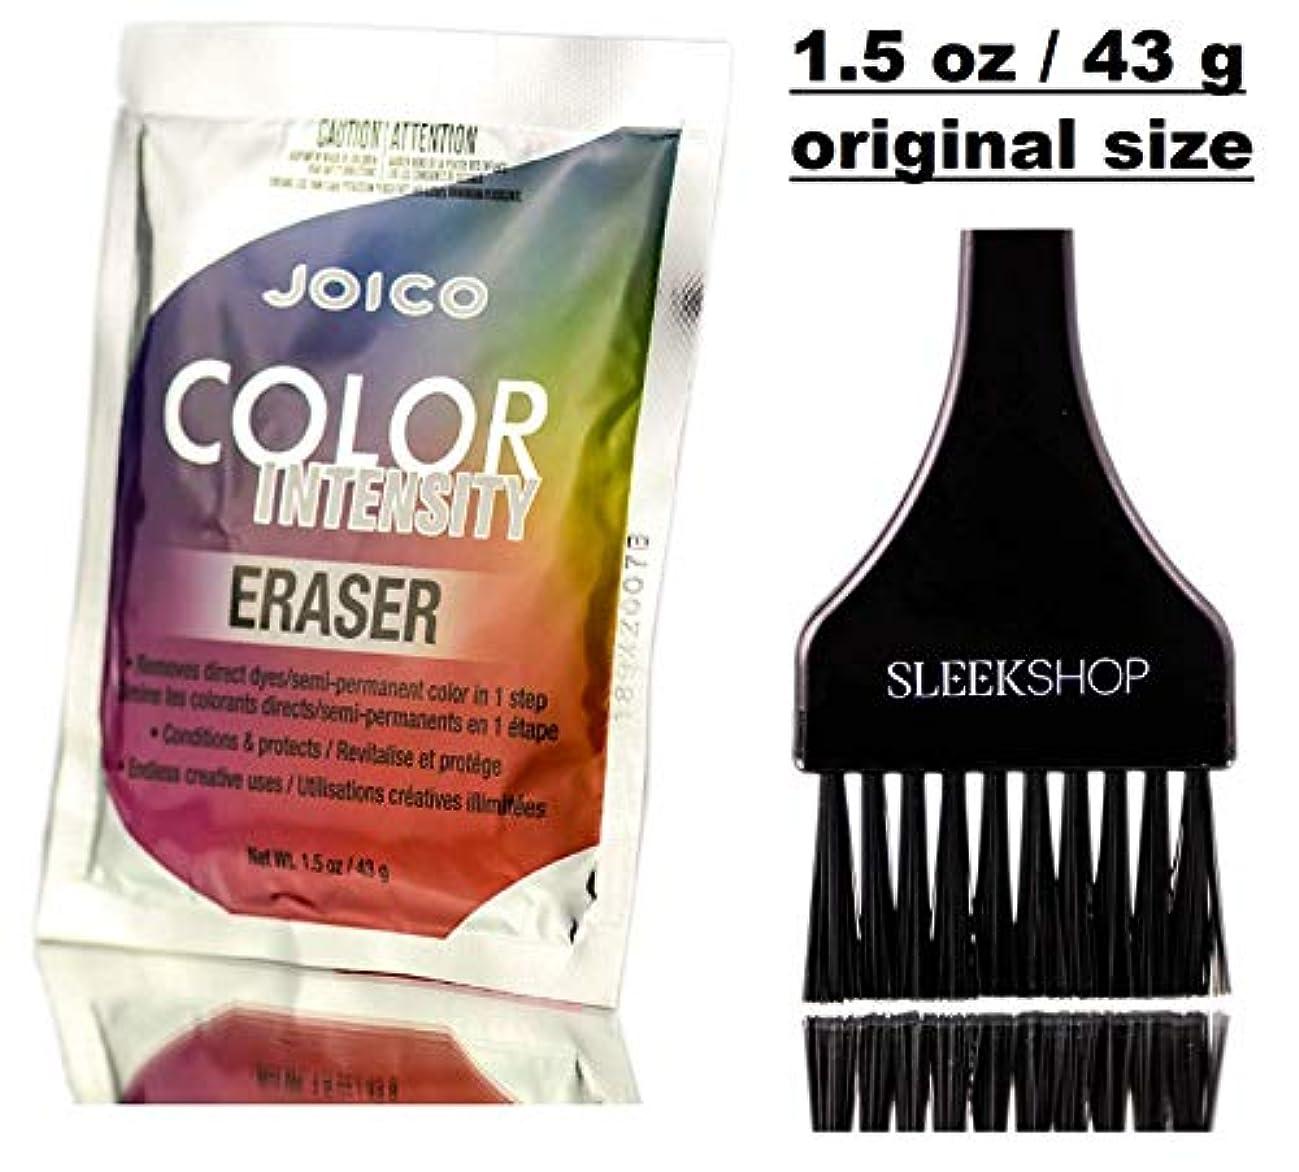 ペインティング振るビュッフェJoico Color Intensity Eraser 、削除し直接染料&半永久的な色で1ステップ、条件&保護し、エンドレスクリエイティブ使用方法(スタイリストキット)クリームヘアカラー髪の色素(1.5オズ - オリジナルサイズ...